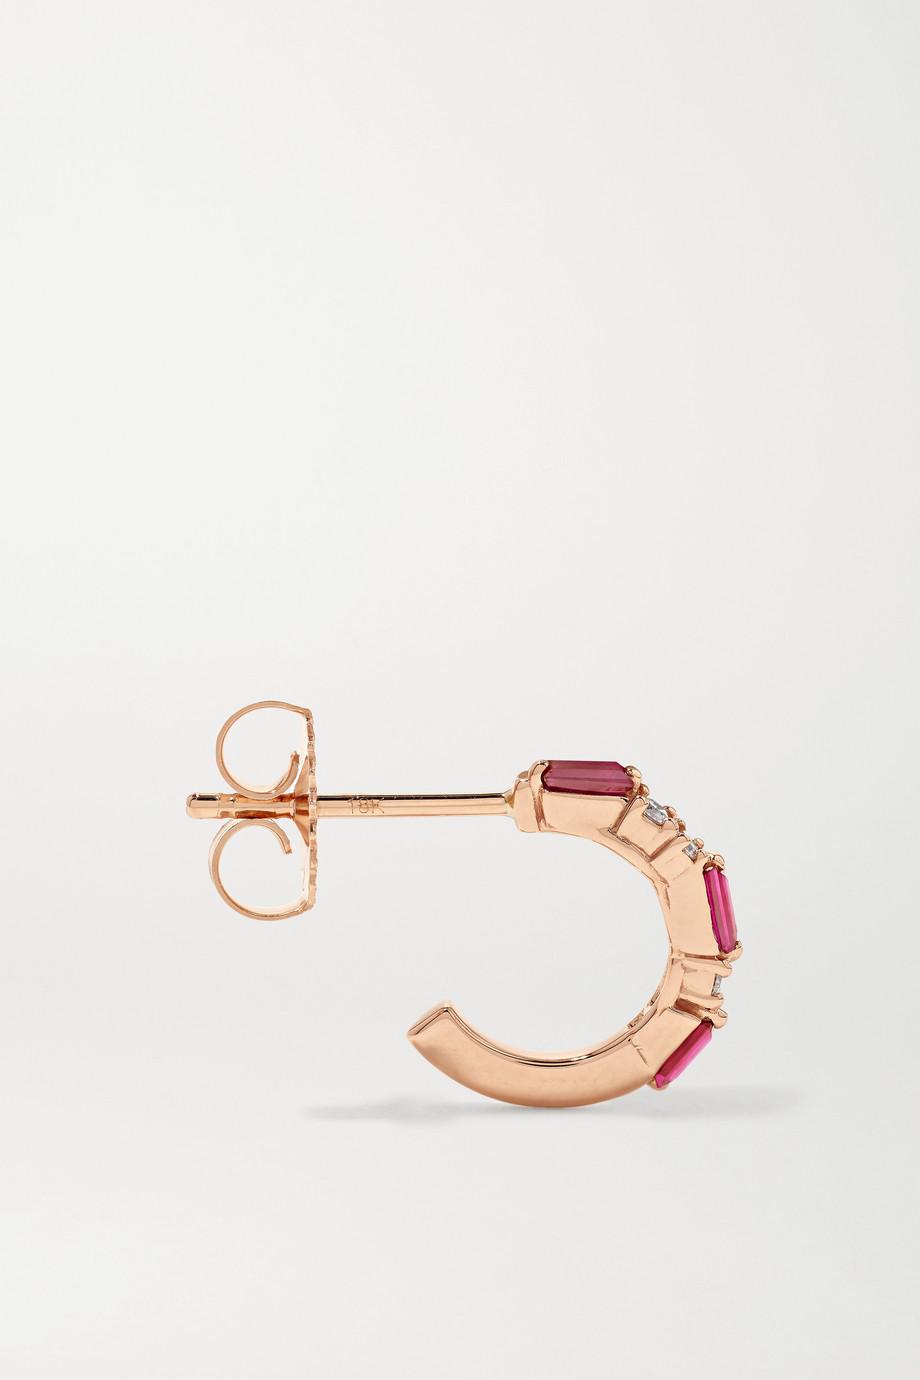 Suzanne Kalan Boucles d'oreilles en or rose 18 carats, rubis et diamants